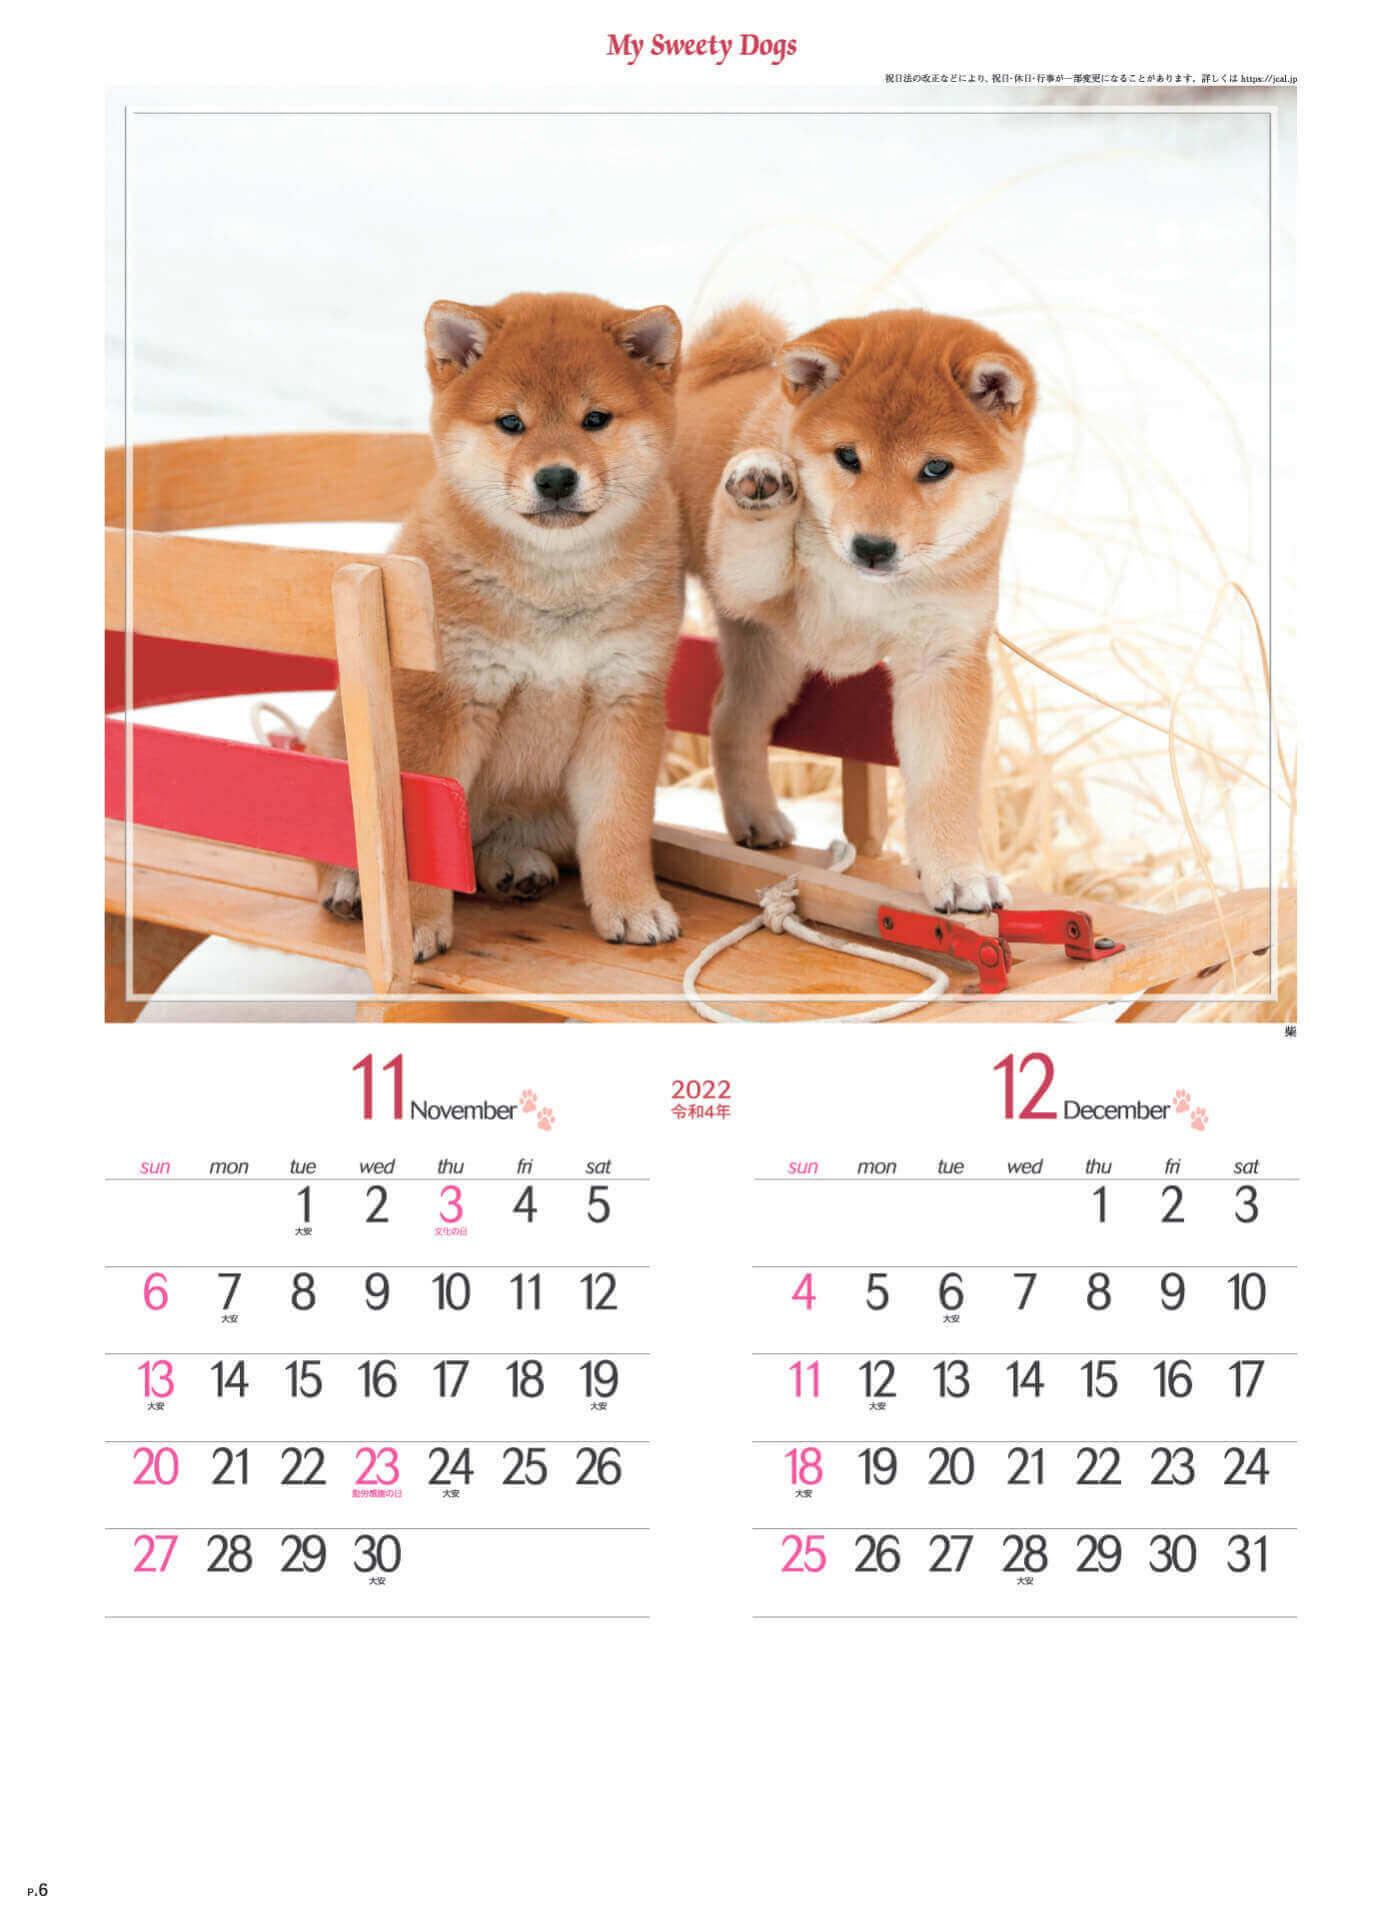 11-12月 柴 マイスウィーティードッグ 2022年カレンダーの画像